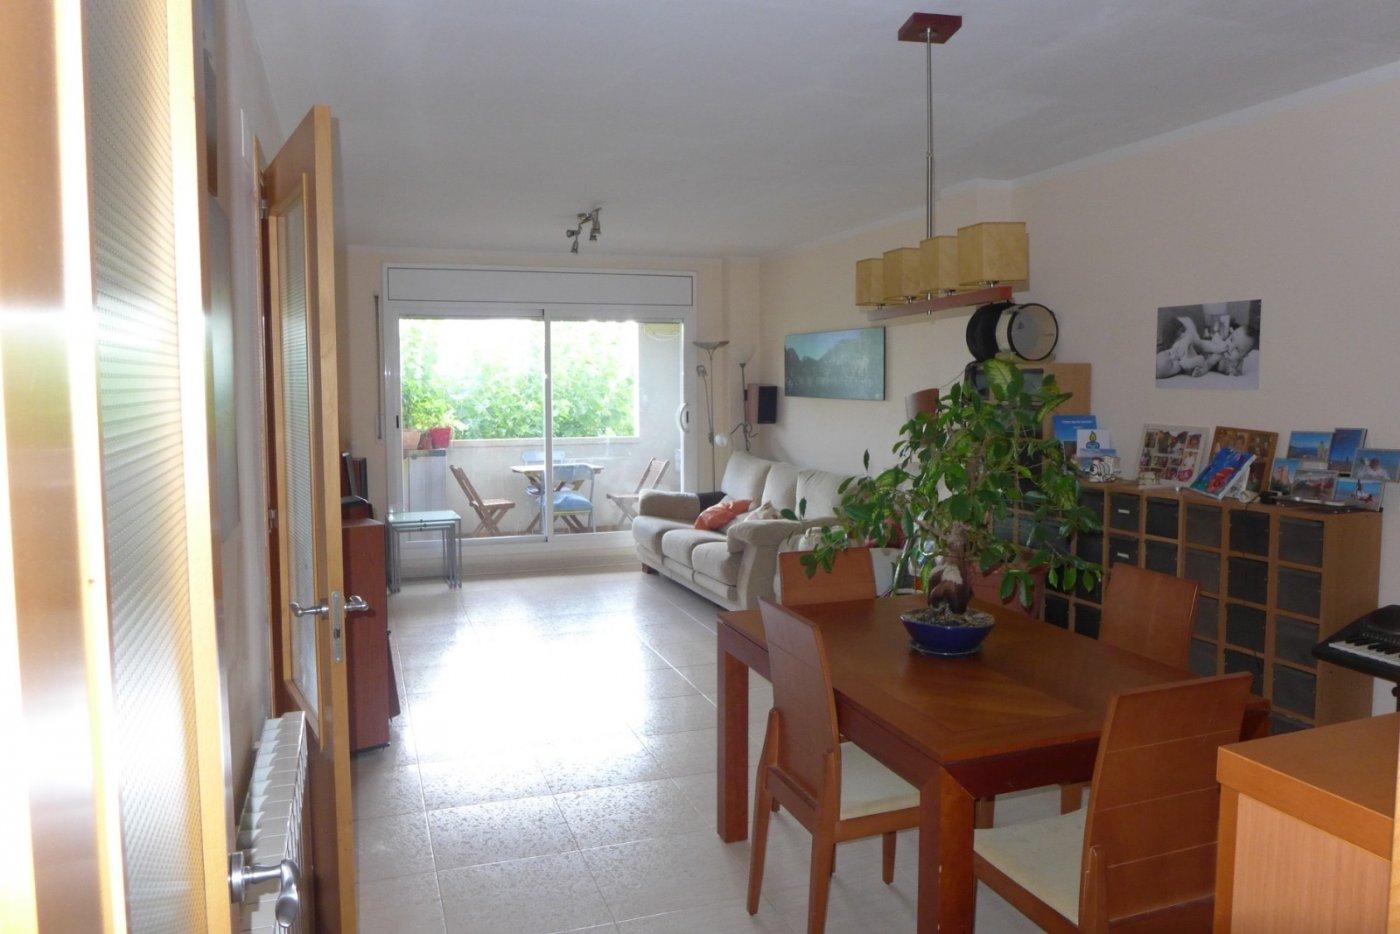 Espectacular piso de 3hb, 2bñ, terraza, parking y trastero en Santpedor